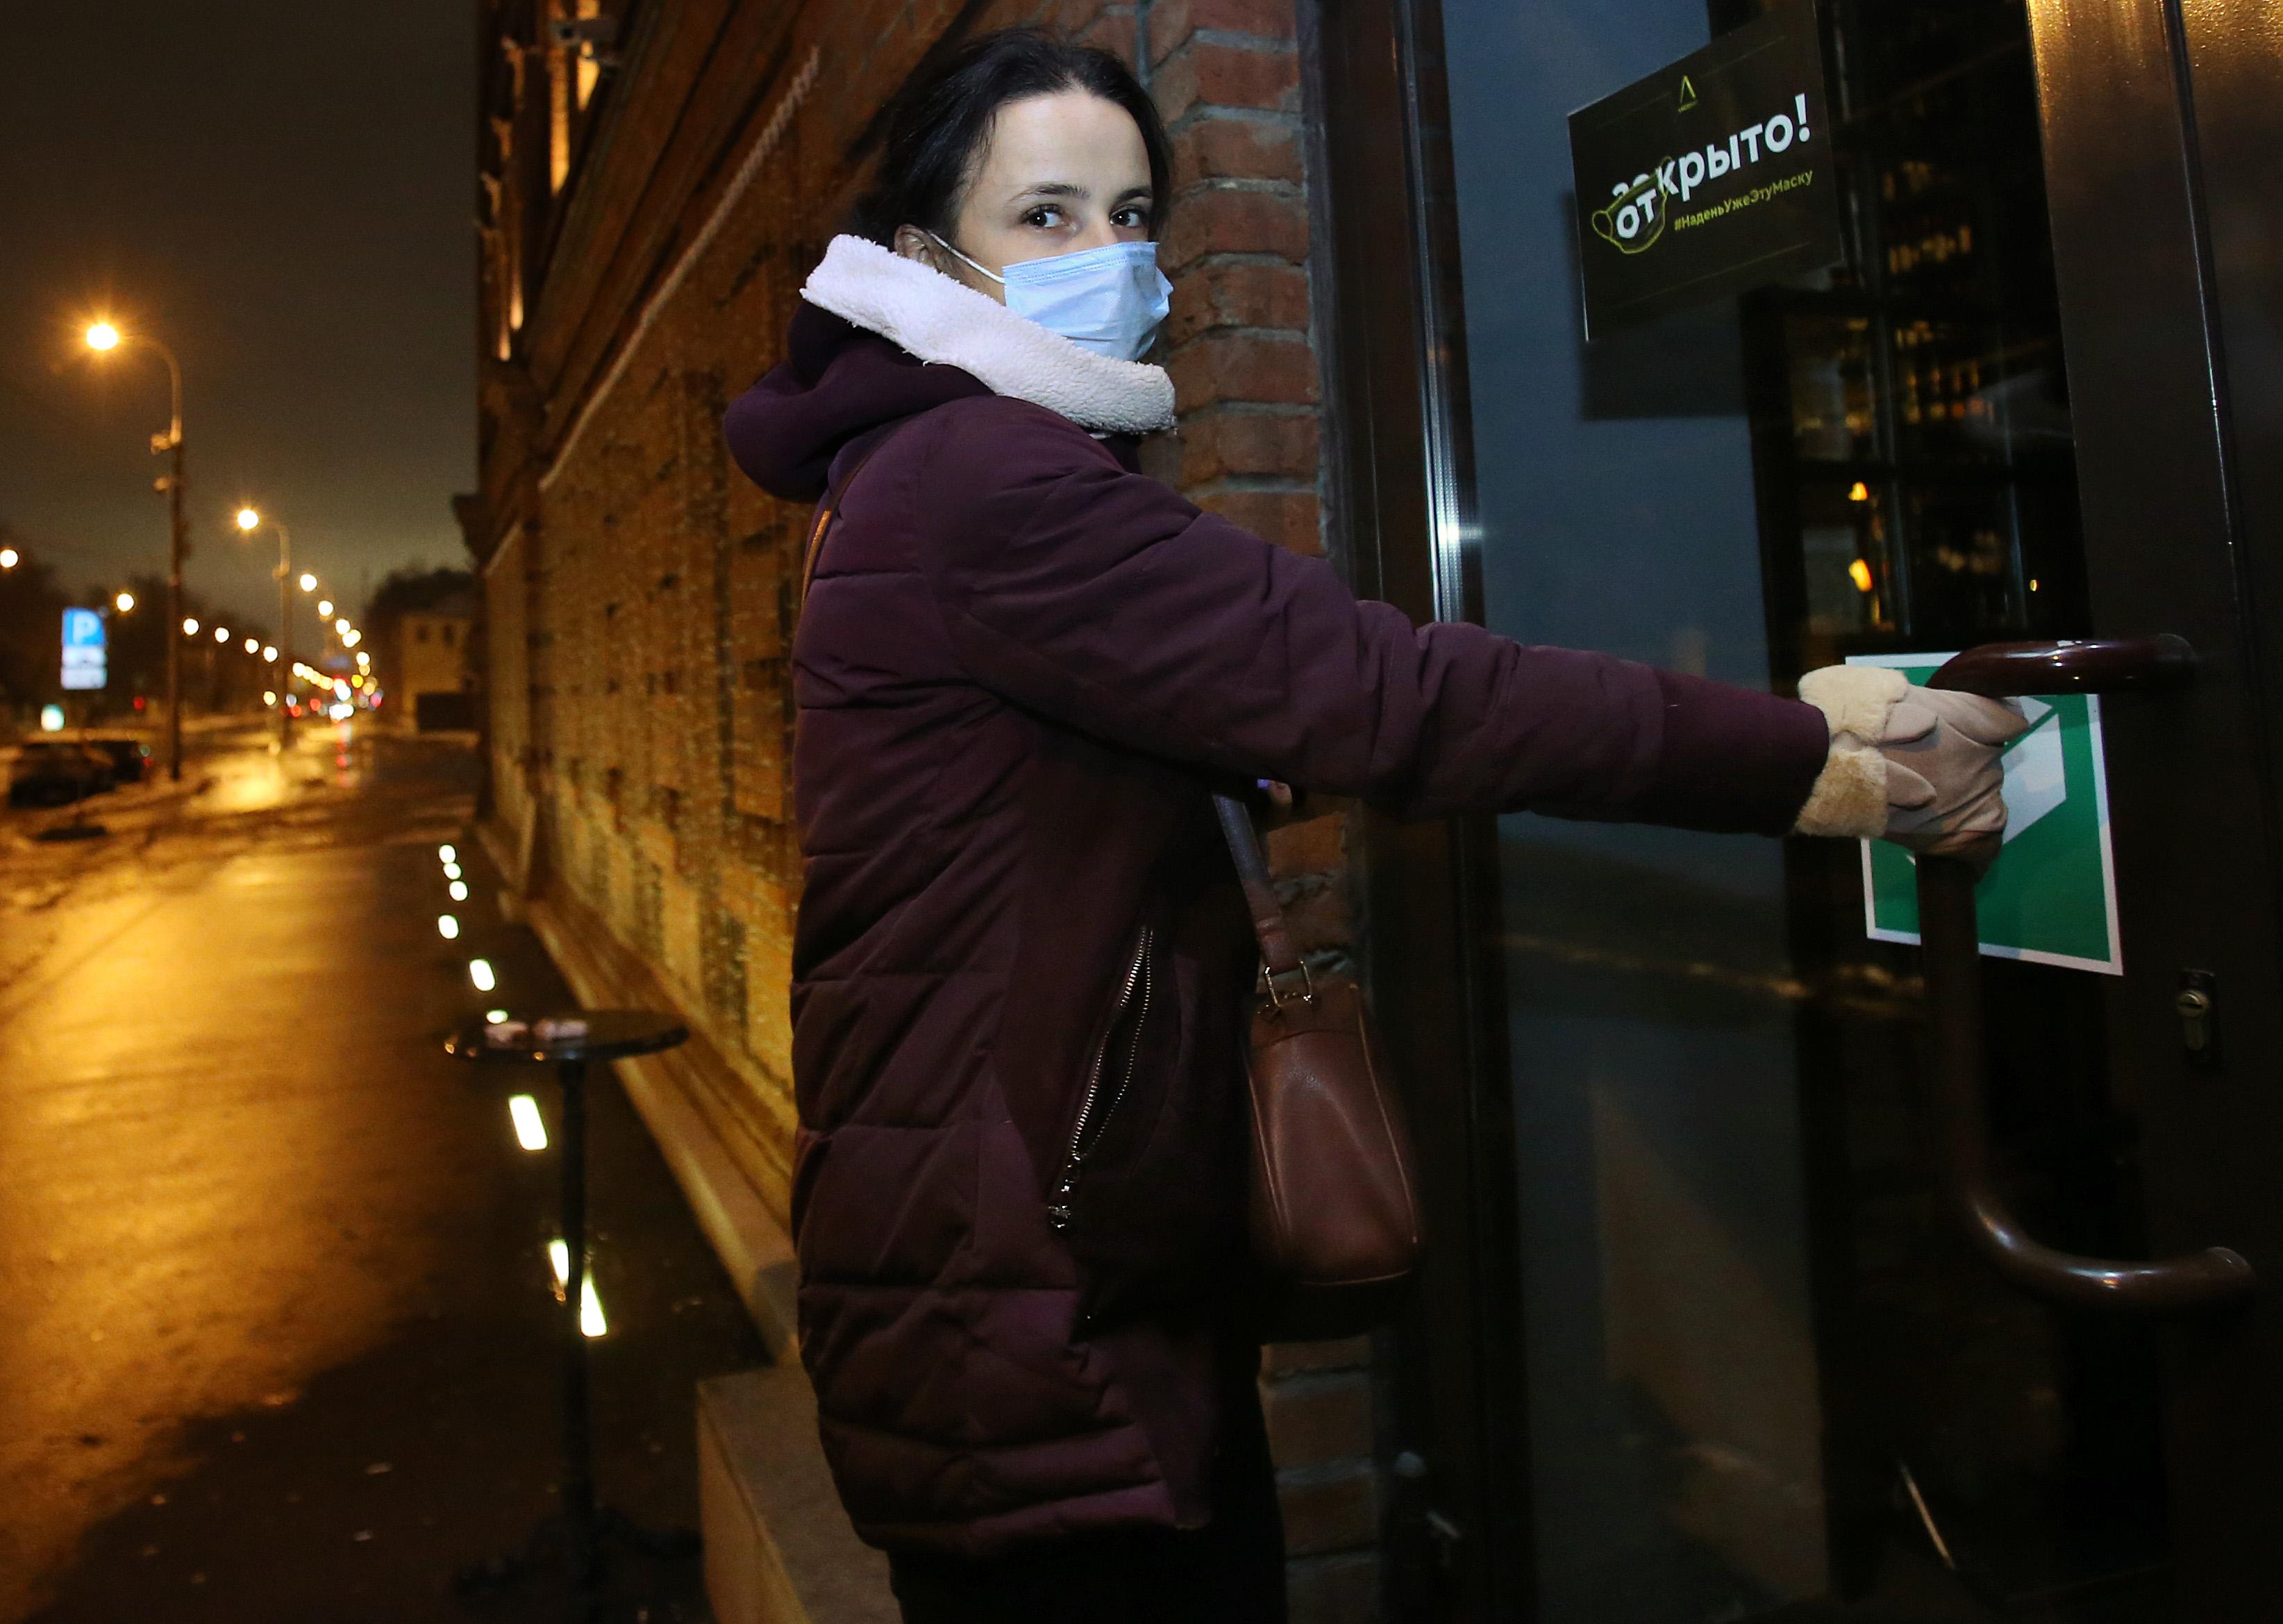 Ресторану Bla Bla Bar за нарушения антиковидных мер грозит закрытие на 90 дней